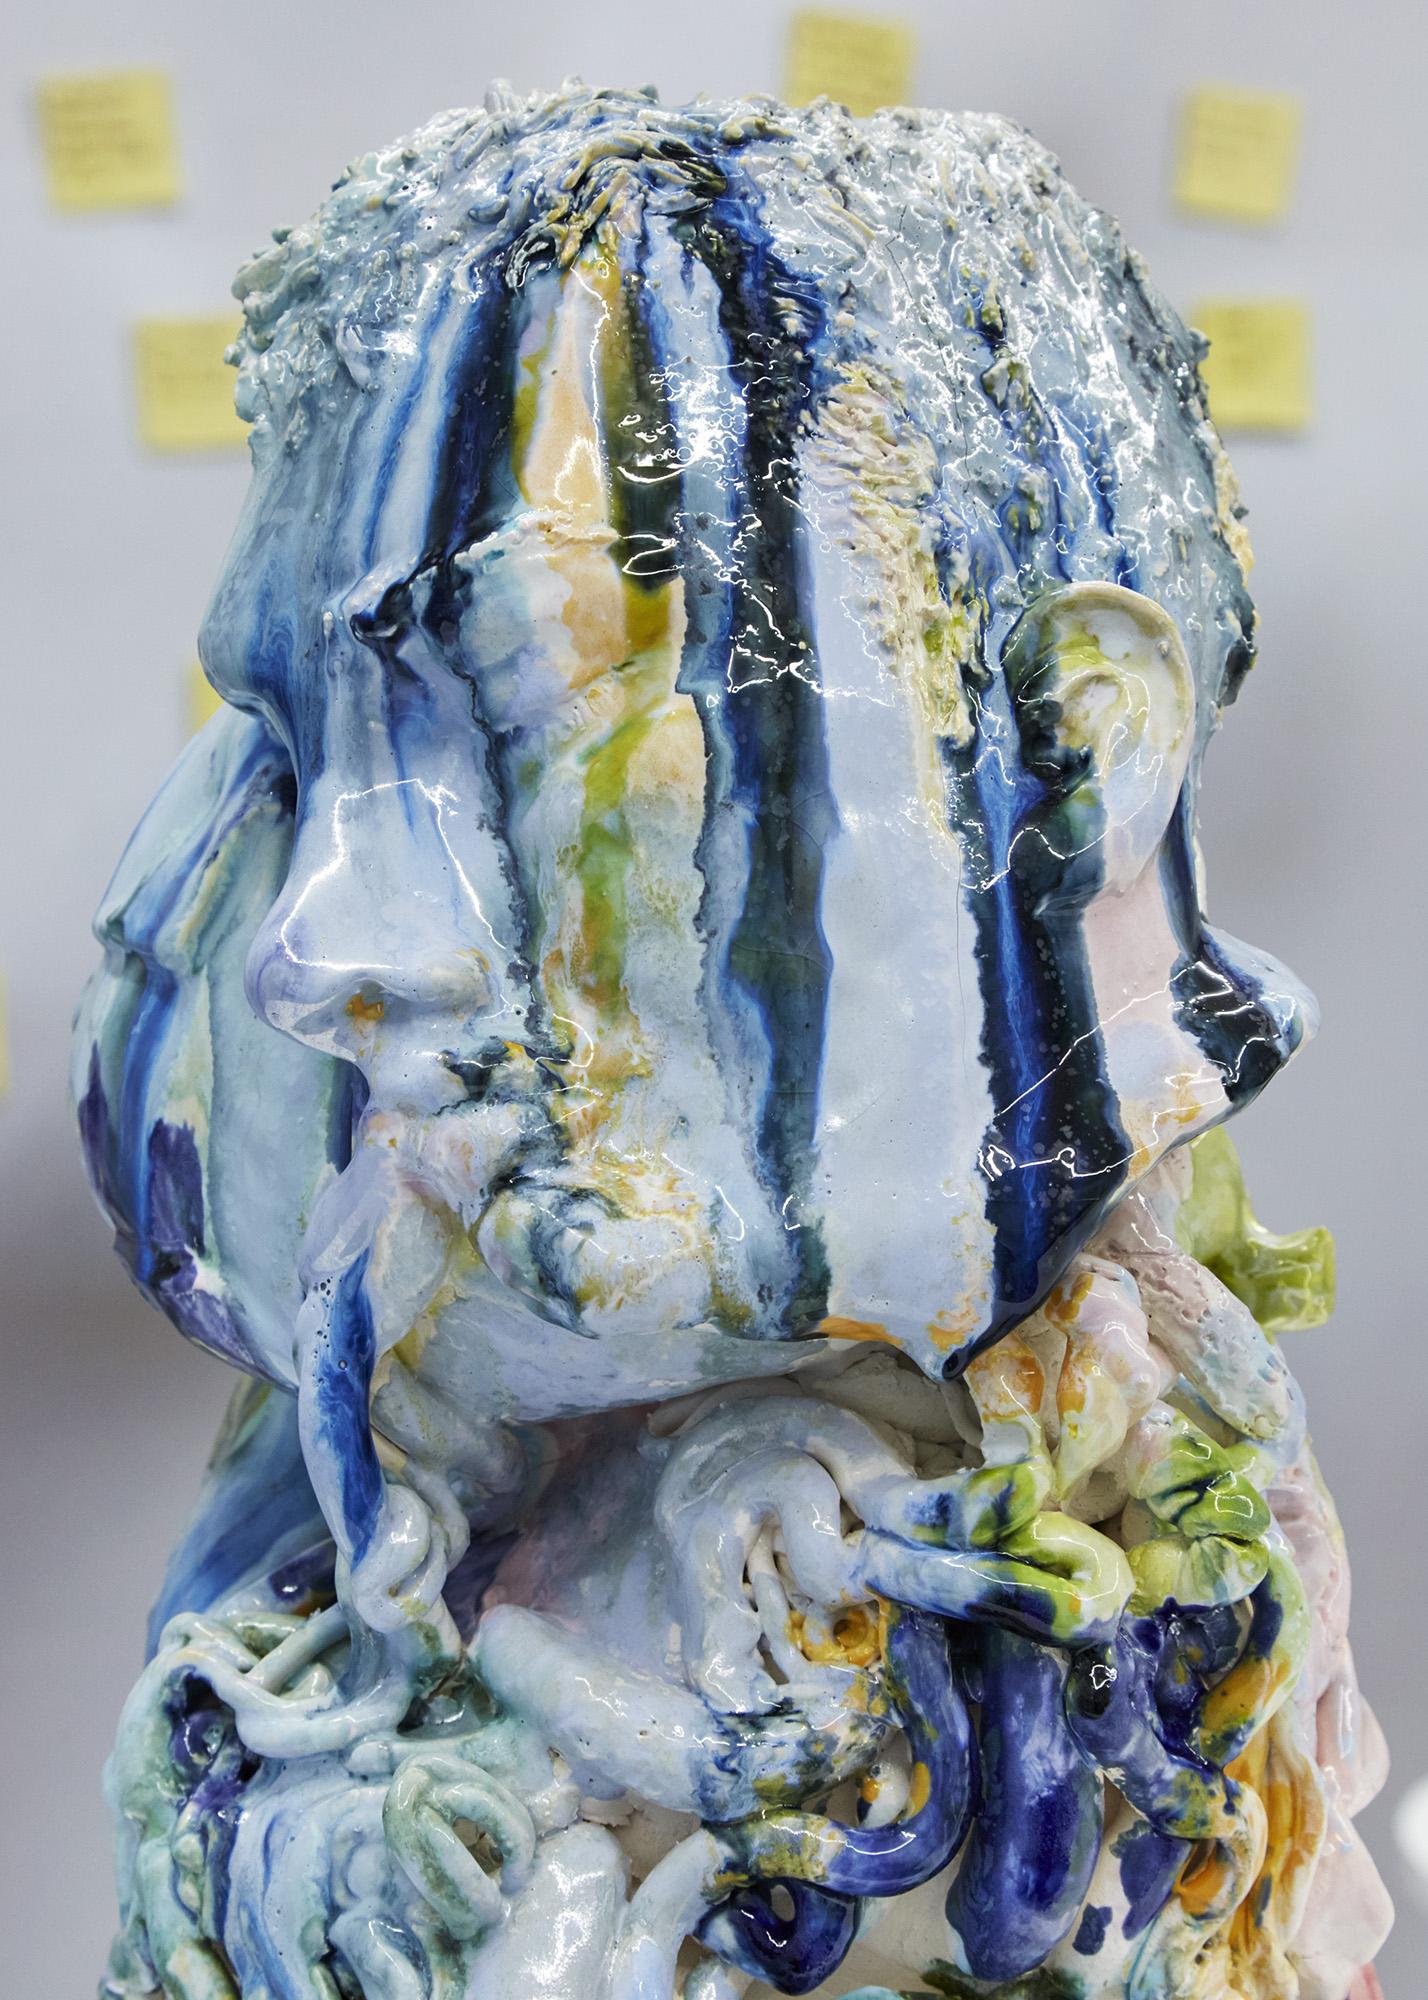 Nos da Sausage (detail) Glazed ceramic 63 x 34 x 31cm, 2019